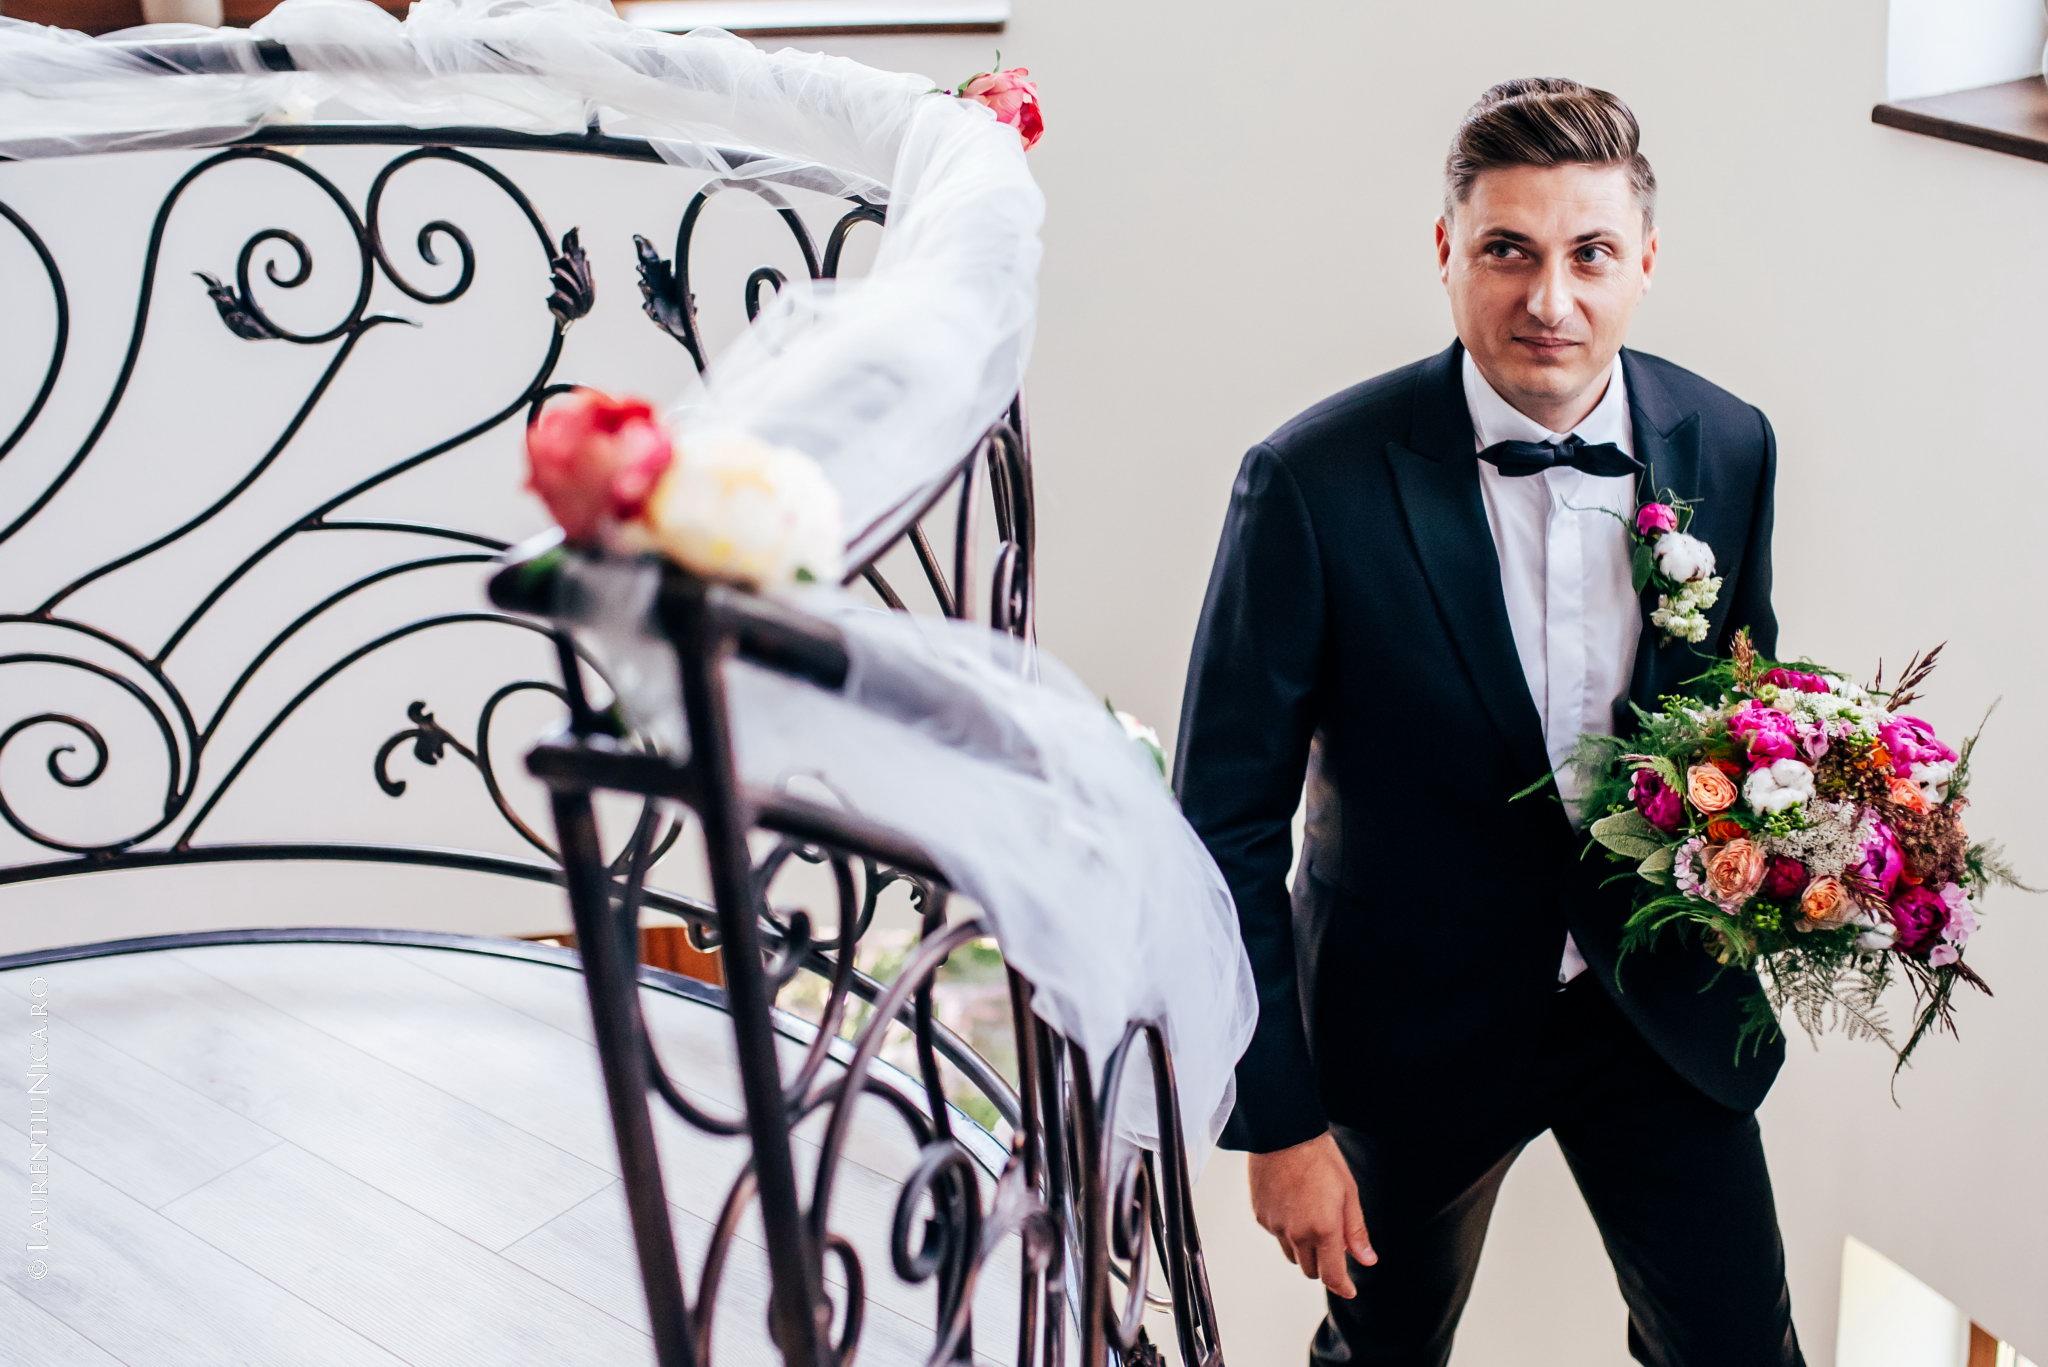 fotografii nunta denisa si florin craiova 13 - Denisa & Florin | Fotografii nunta | Craiova